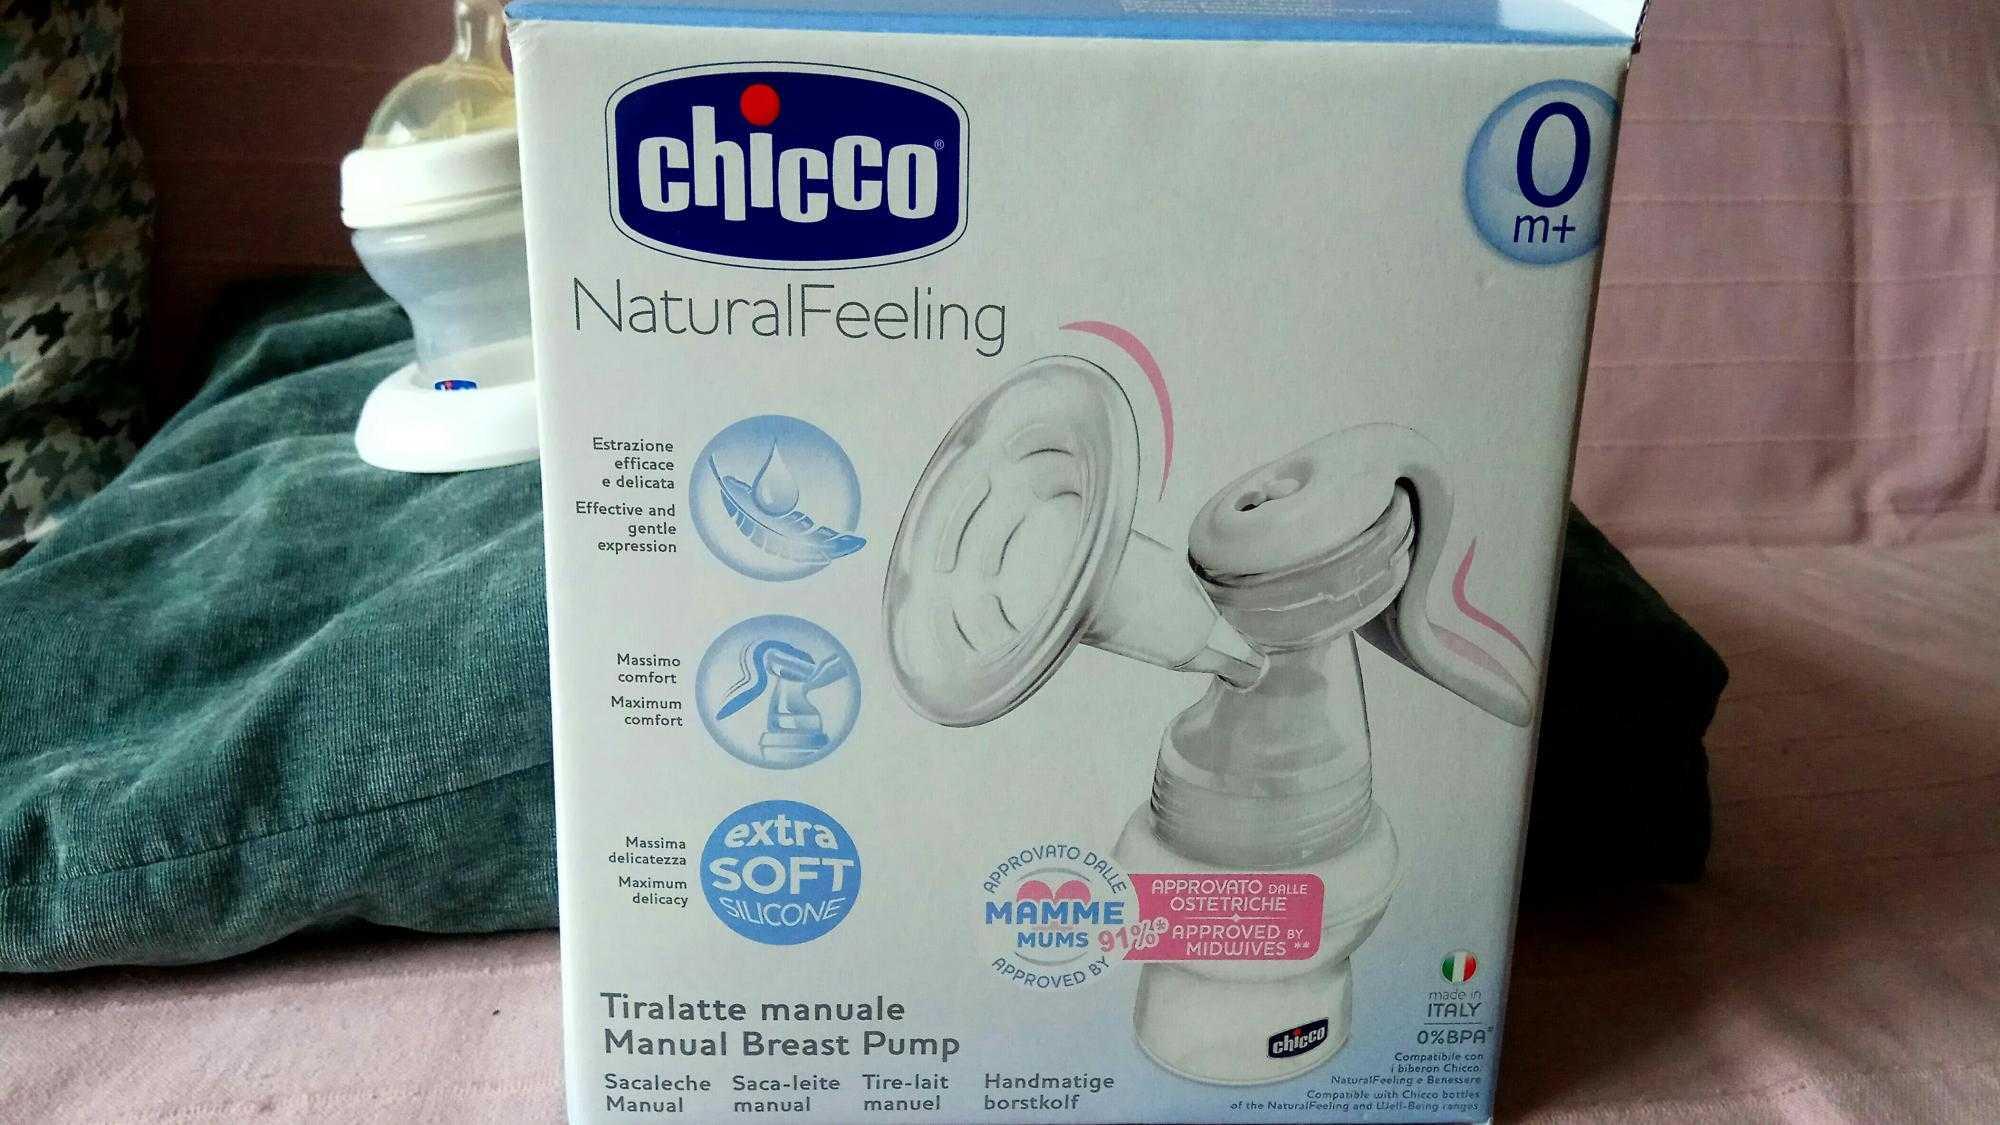 Молокоотсосы chicco: как пользоваться ручной и электрической моделями, устройства с бутылочкой natural feeling, отзывы